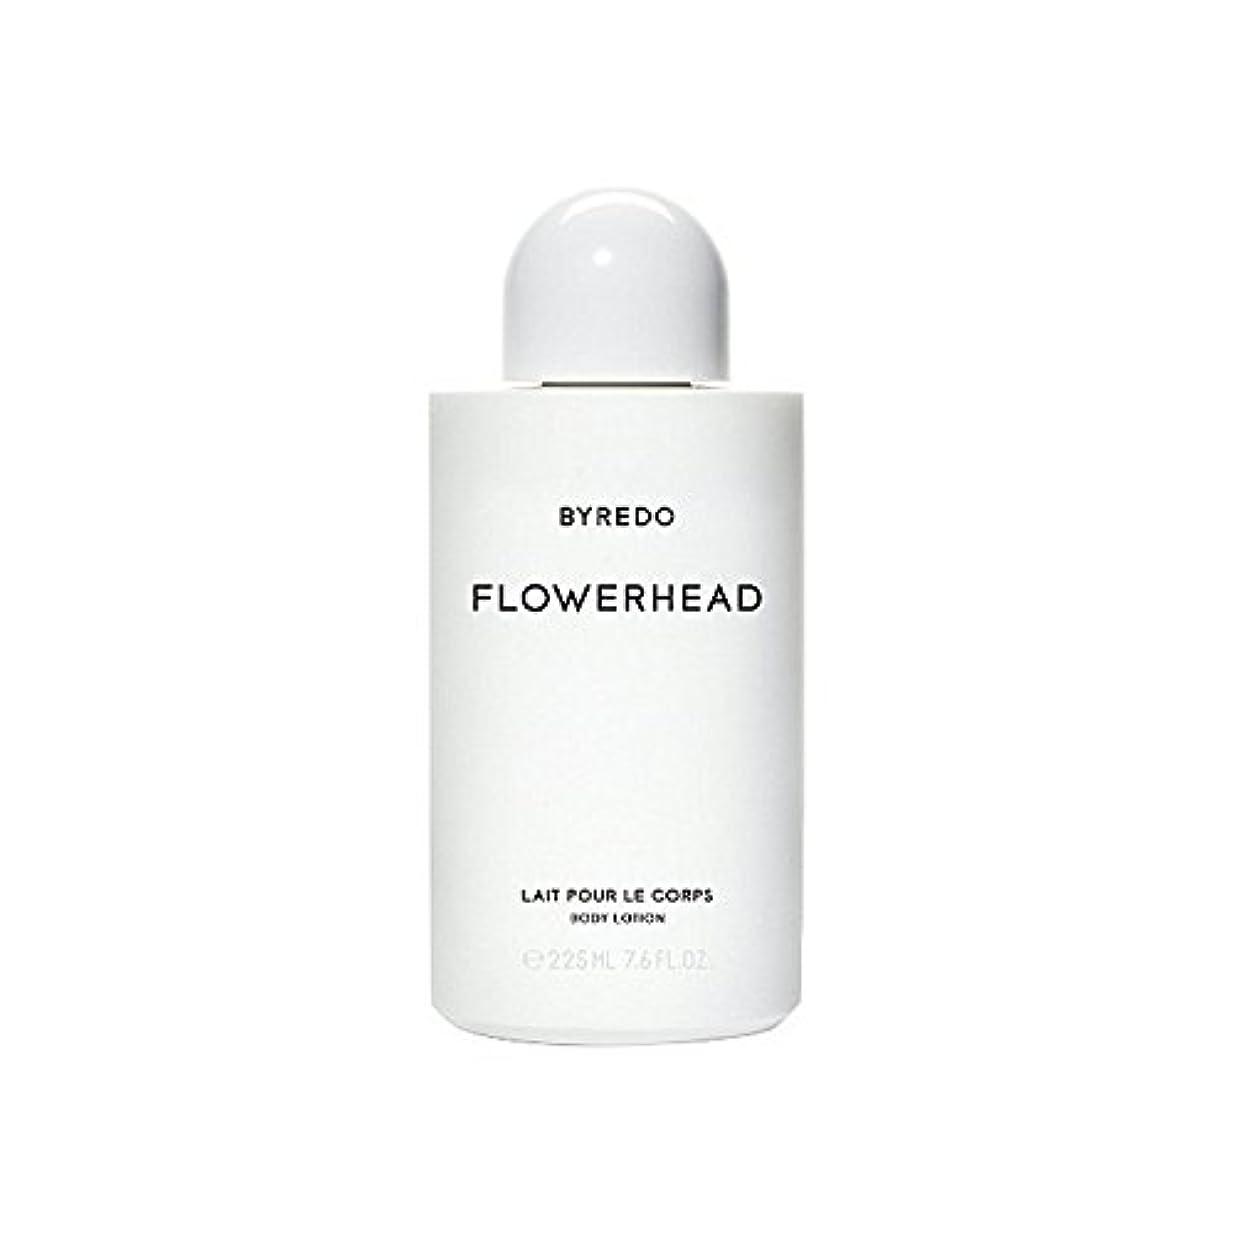 文献導入する部門ボディローション225ミリリットル x4 - Byredo Flowerhead Body Lotion 225ml (Pack of 4) [並行輸入品]